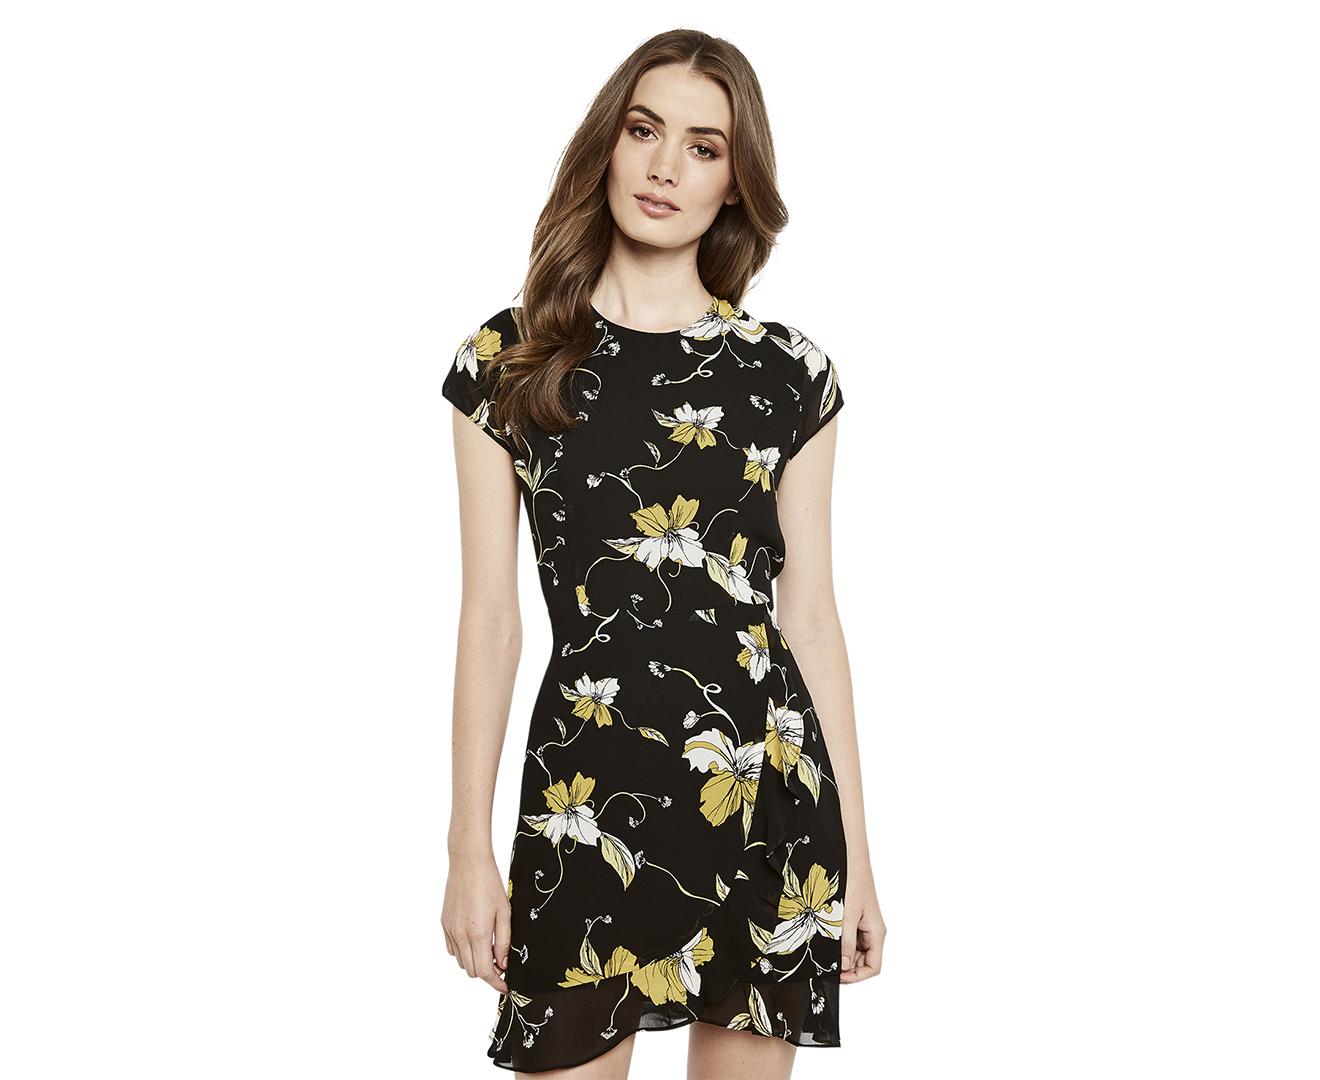 a75213c1dc12 Bardot Women s Lucy Dress - Summer Print